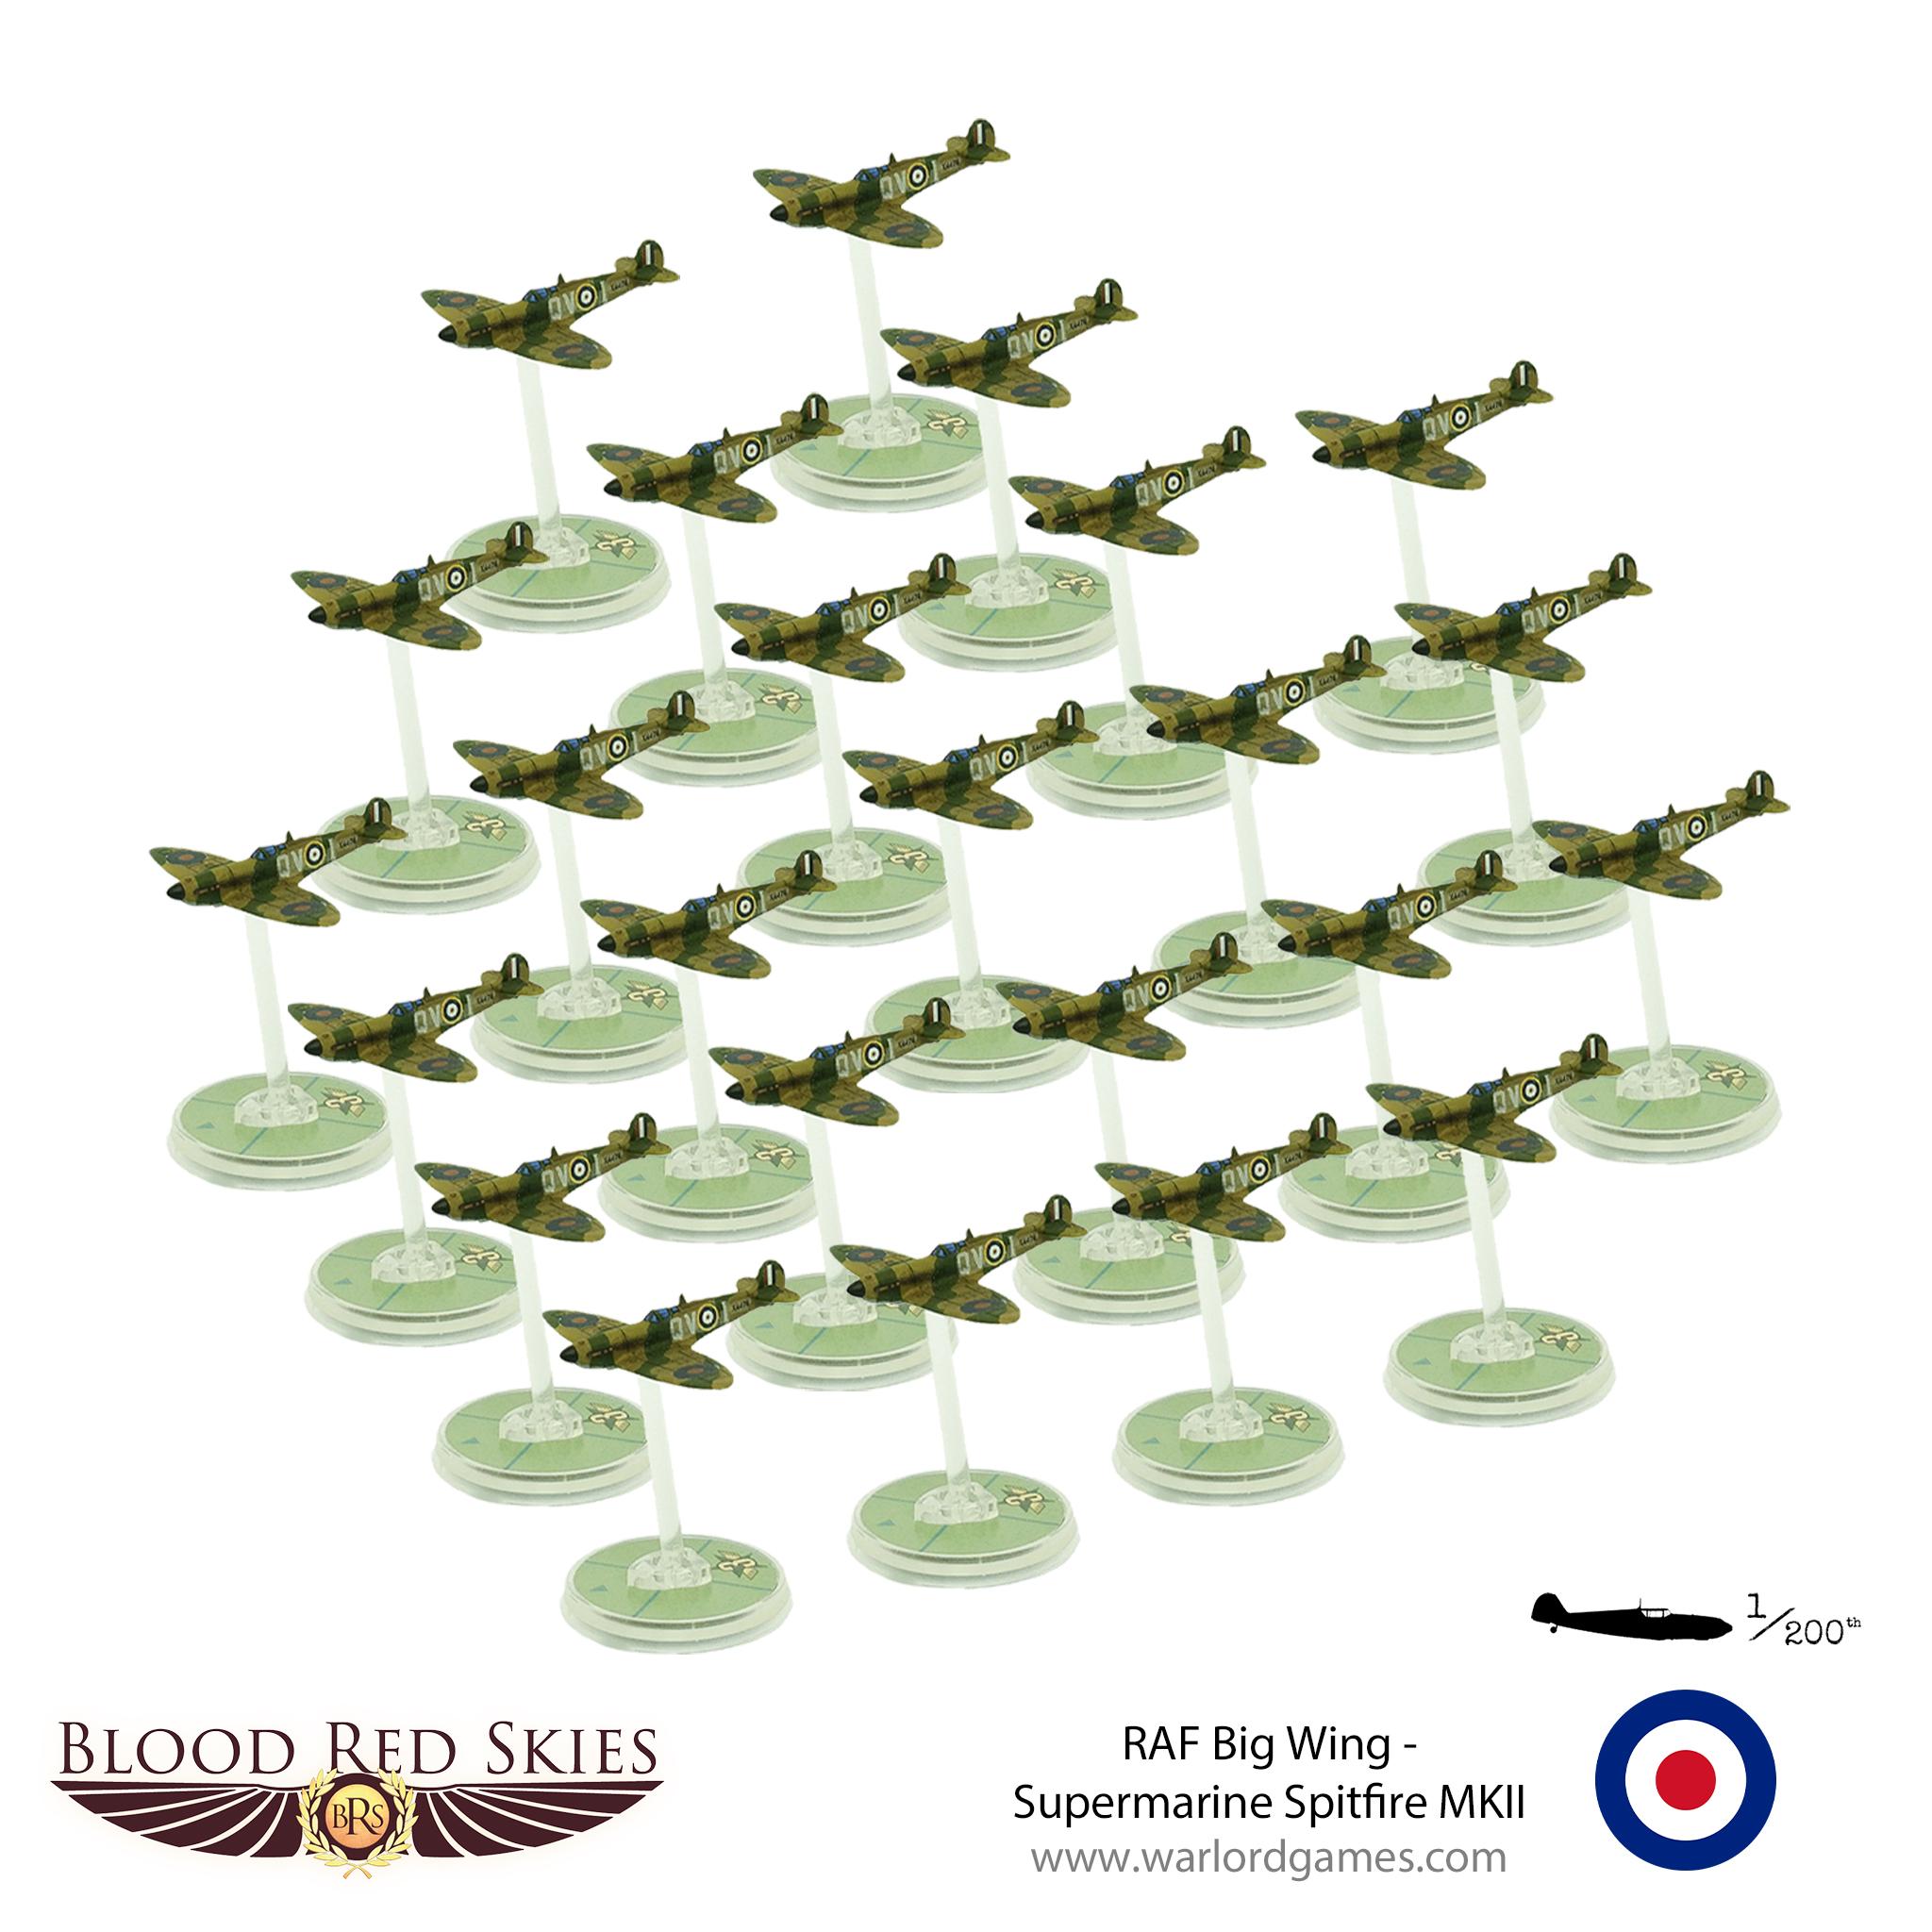 RAF Big Wing